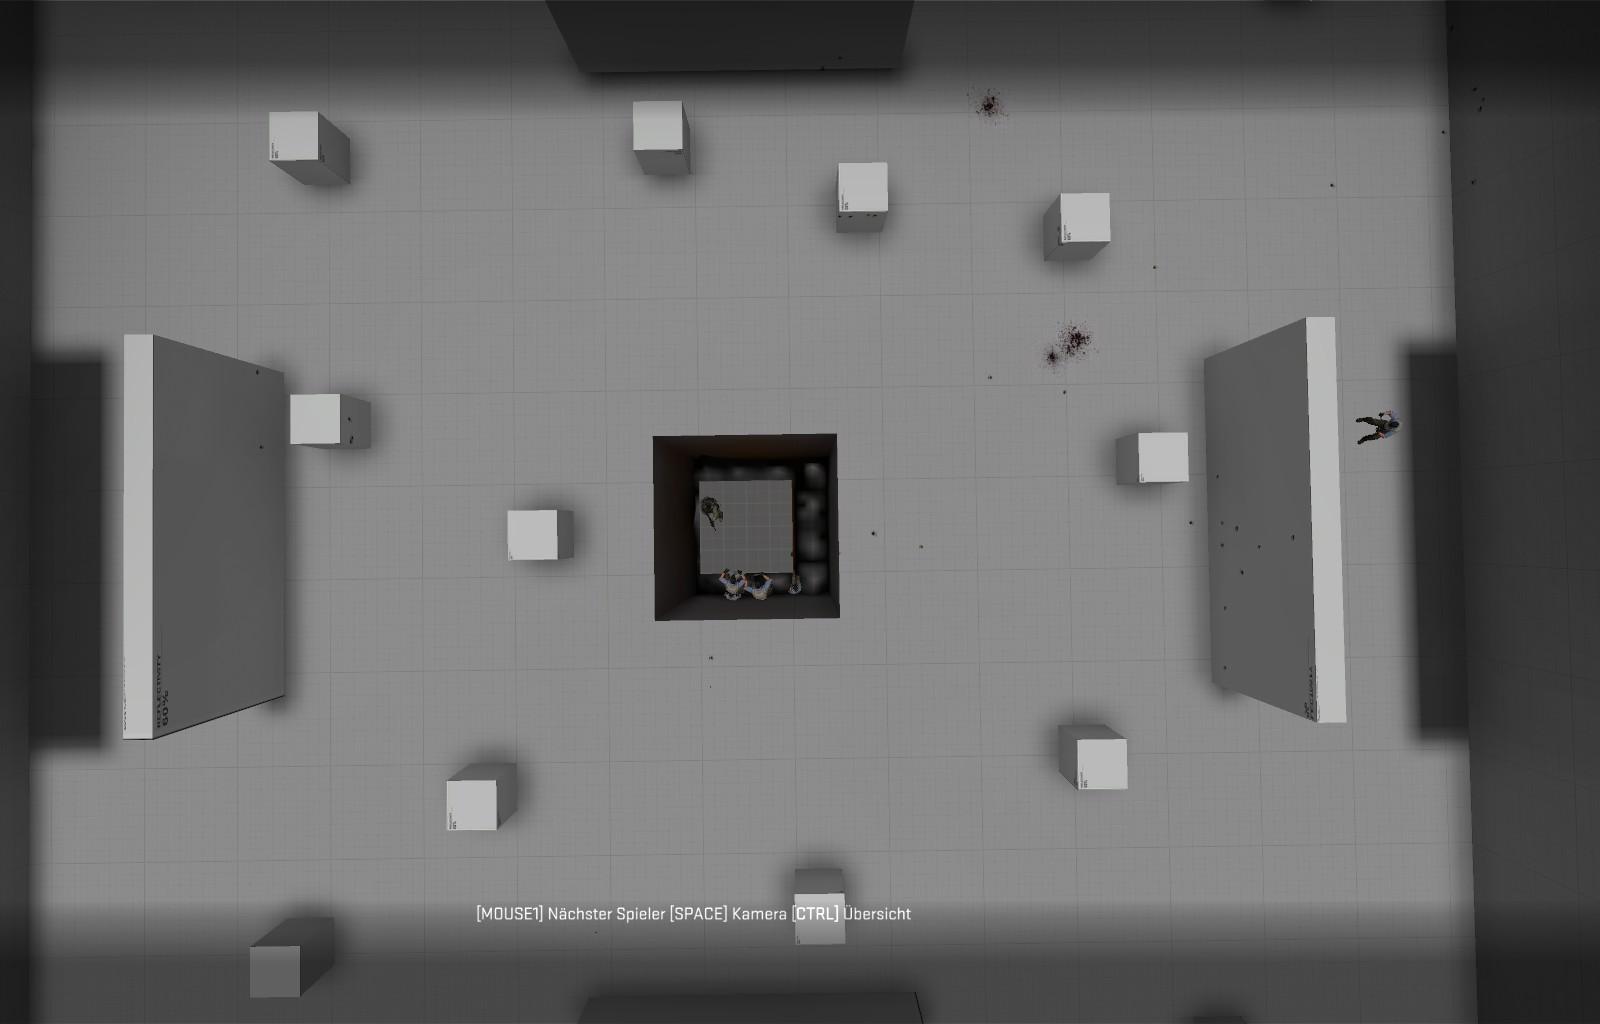 Карта на которой играет скрим игровые автоматы без регистрации поиграть